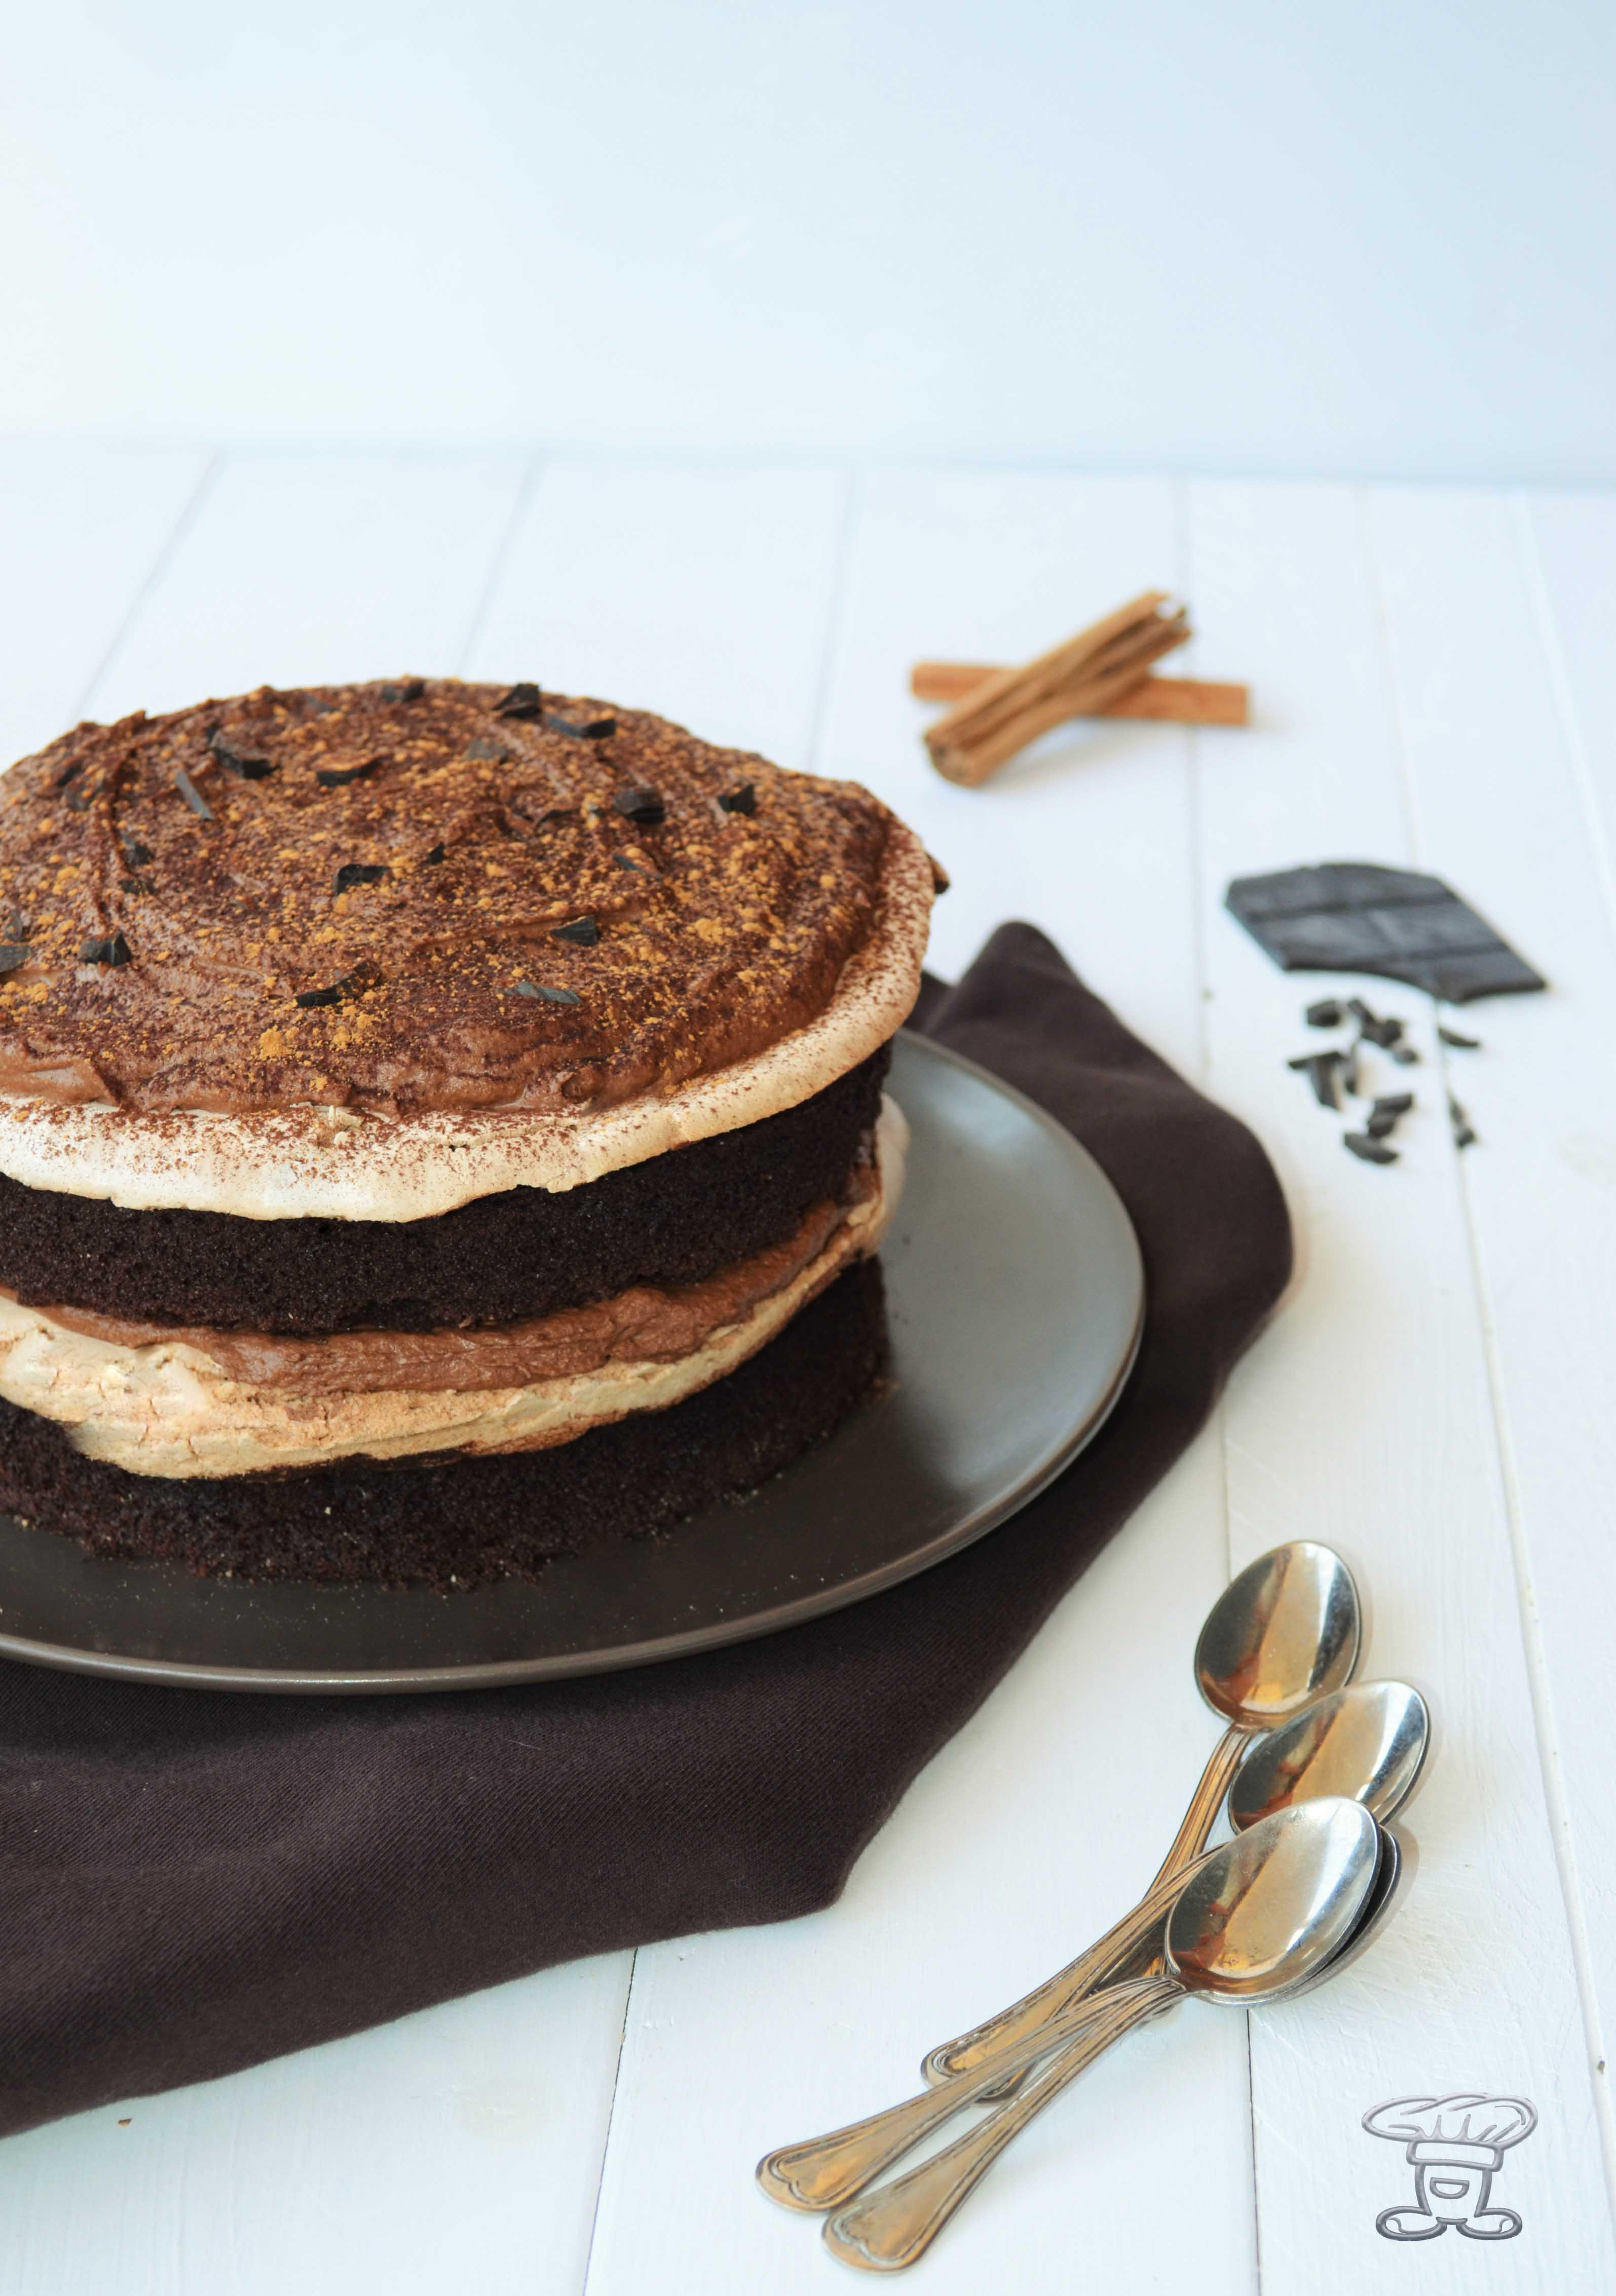 dsc_0709 Torta al Cacao, Meringa alla cannella, Mousse fondente